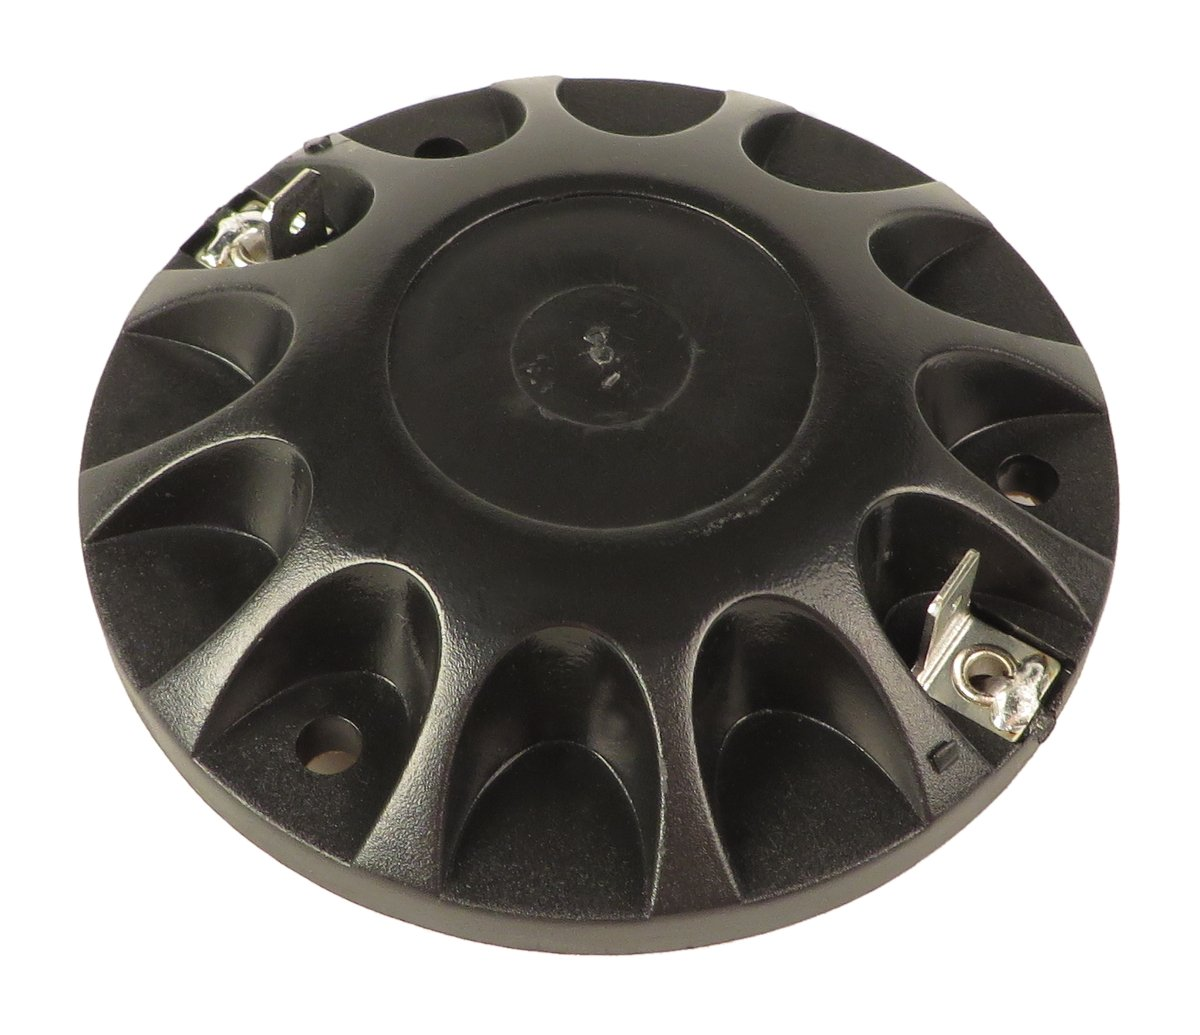 HF Diaphragm for VFR109i